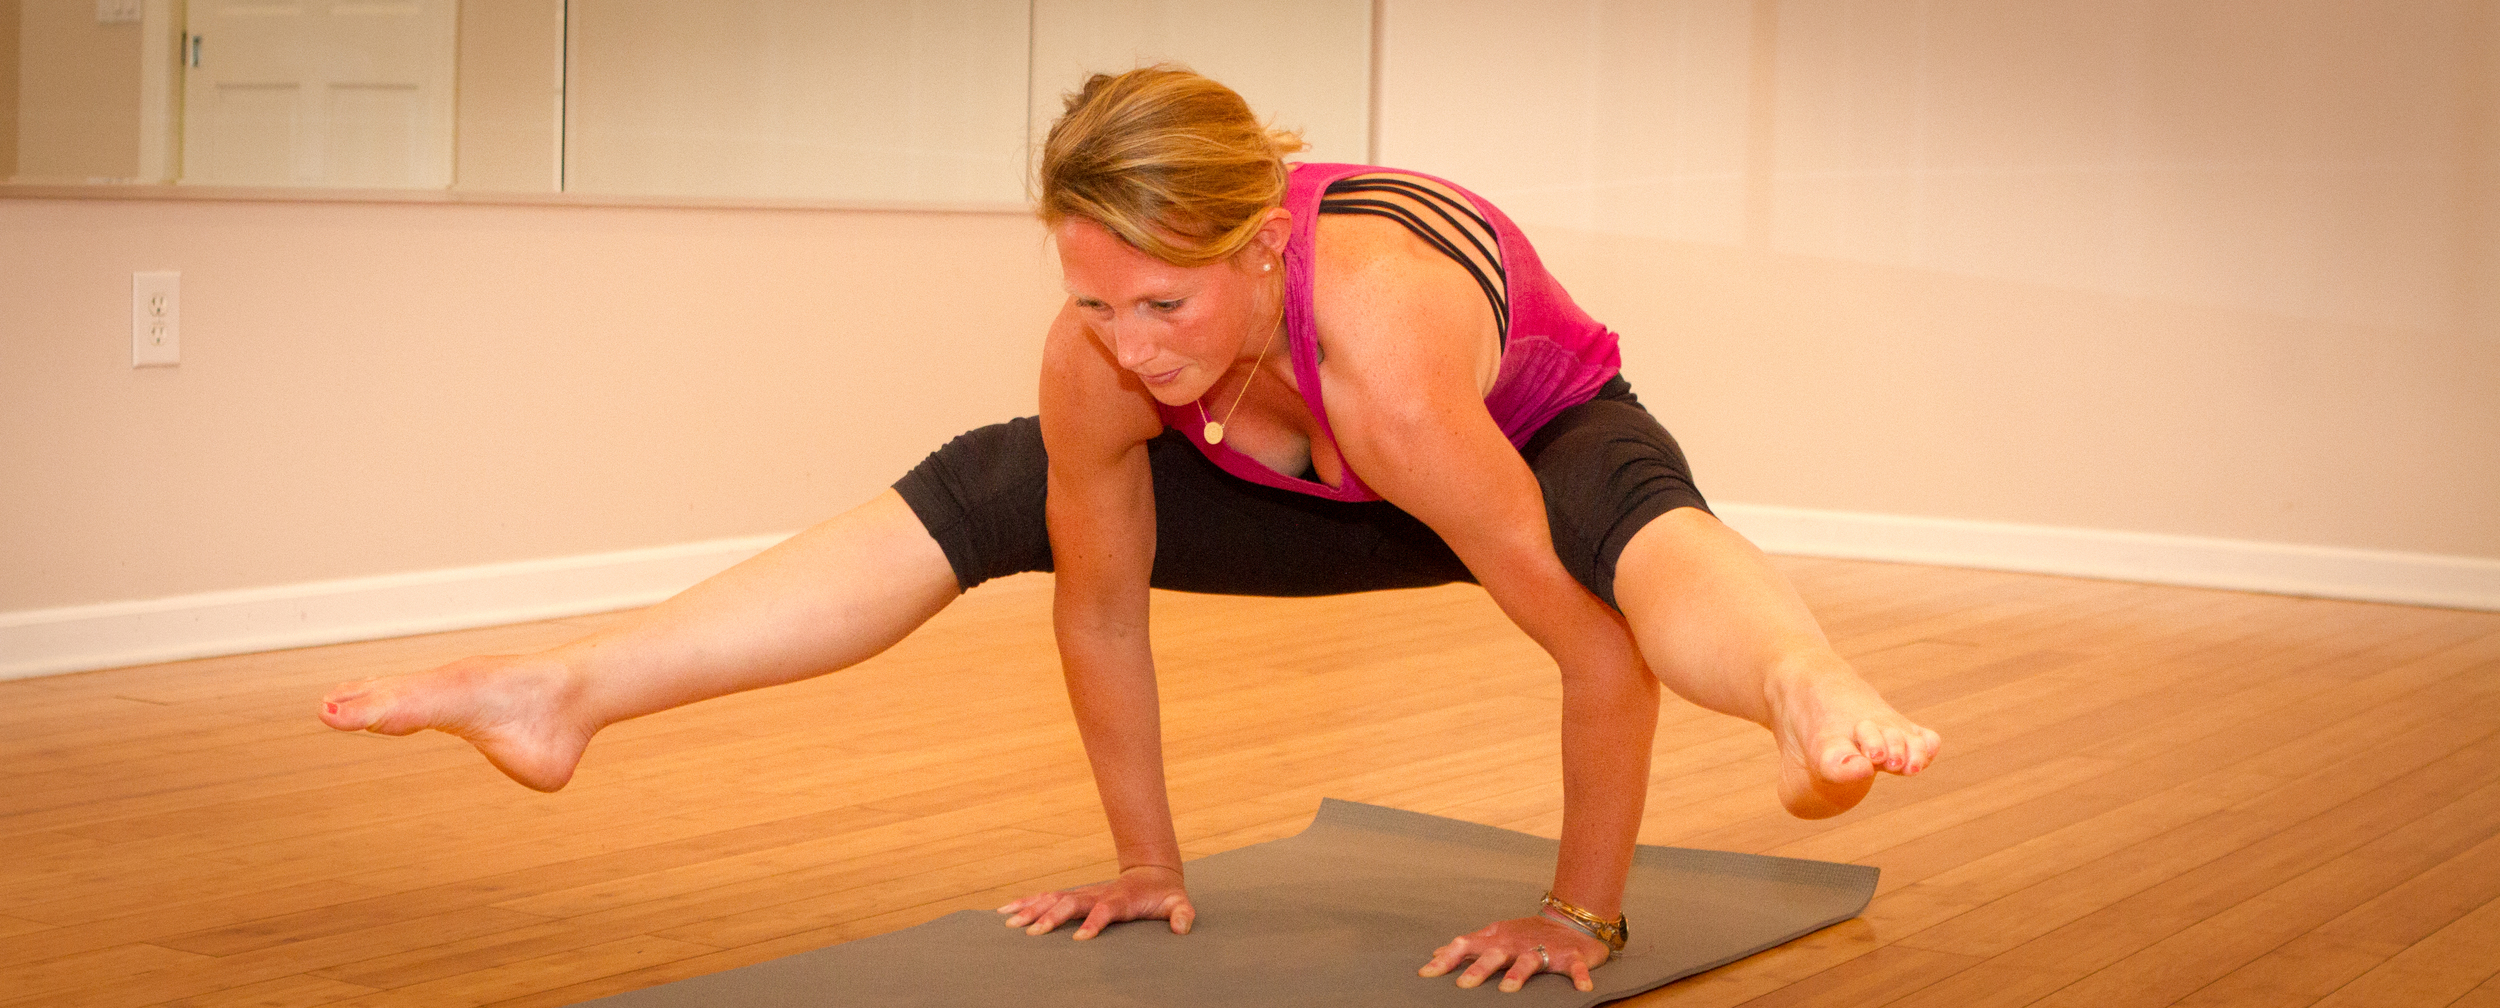 Yoga Matt Final Photos-37.jpg